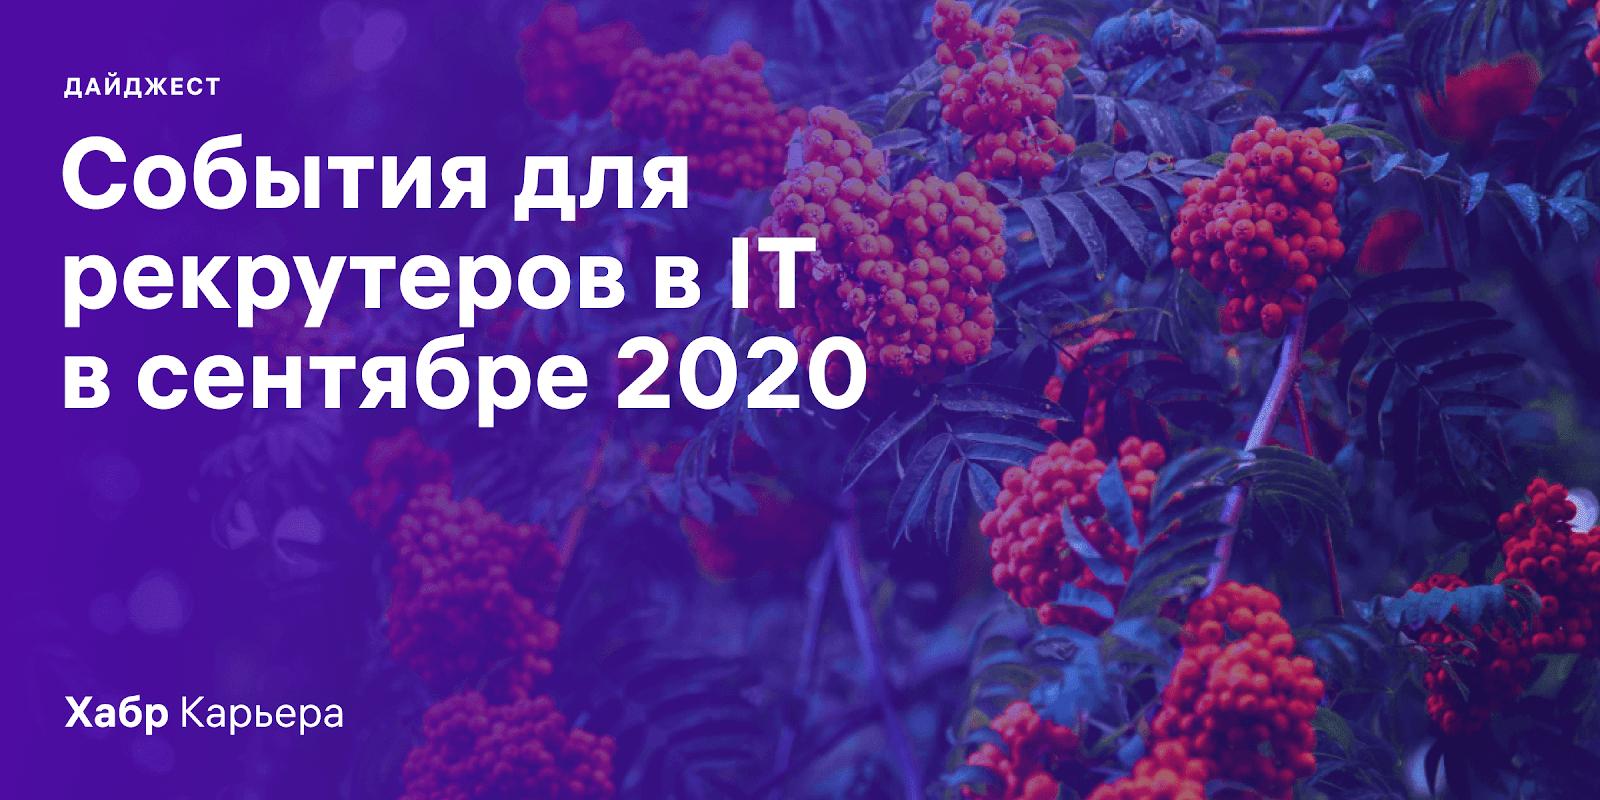 Дайджест событий для эйчаров и рекрутеров в IT на сентябрь 2020